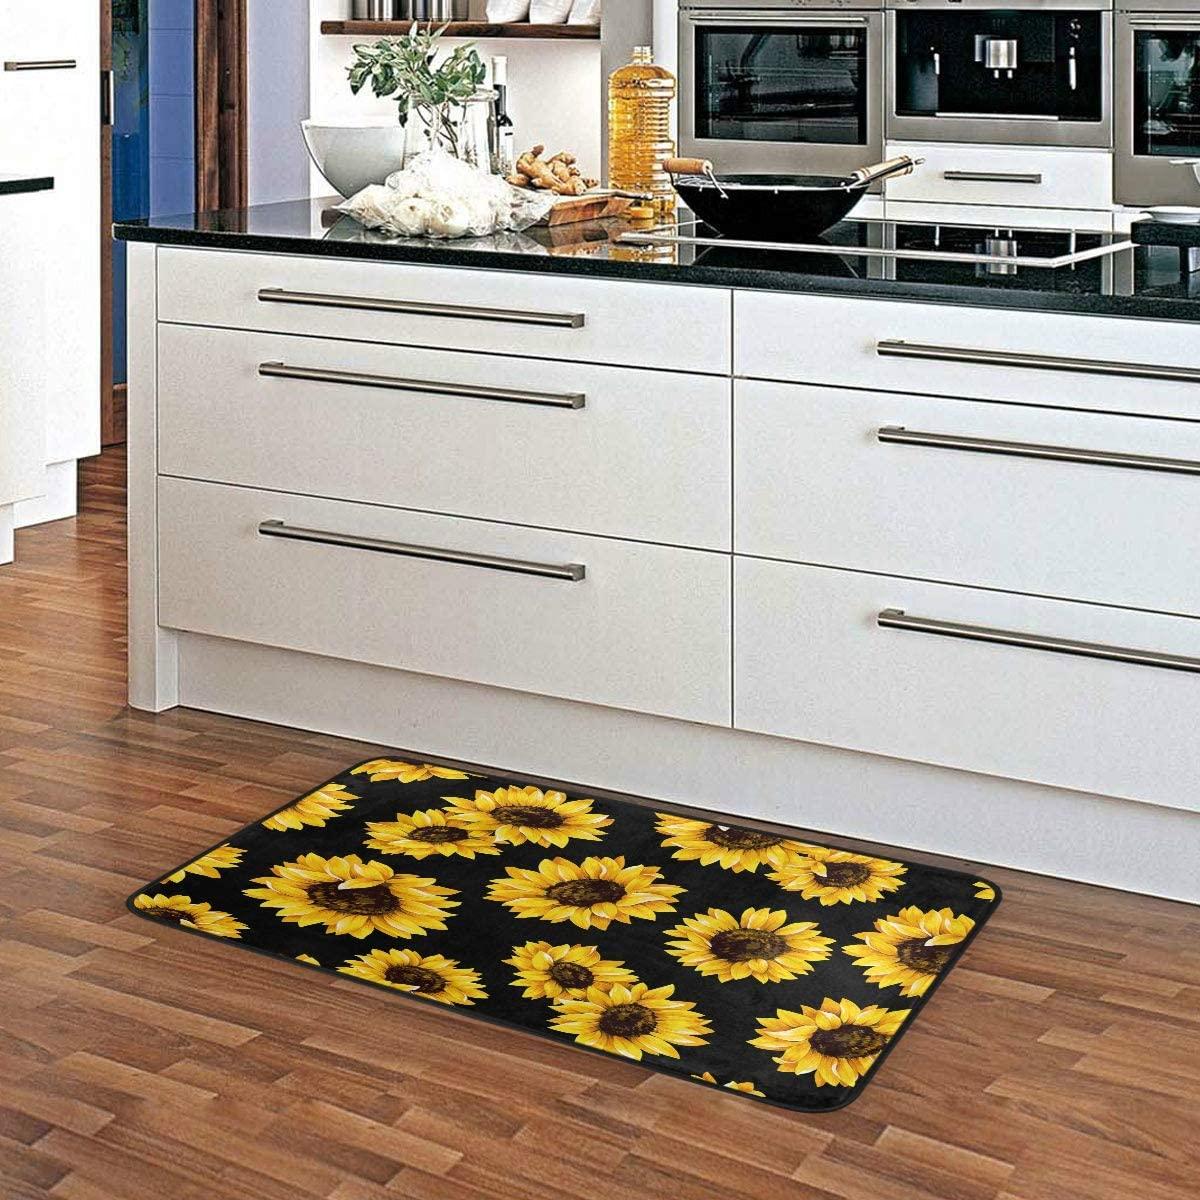 Sunflower Black Kitchen Floor Mats Non-Slip Modern Polyester Indoor Outdoor Aqua Area Rugs Living Room Bath Doormat Home Decor Runner Rug 39×20in